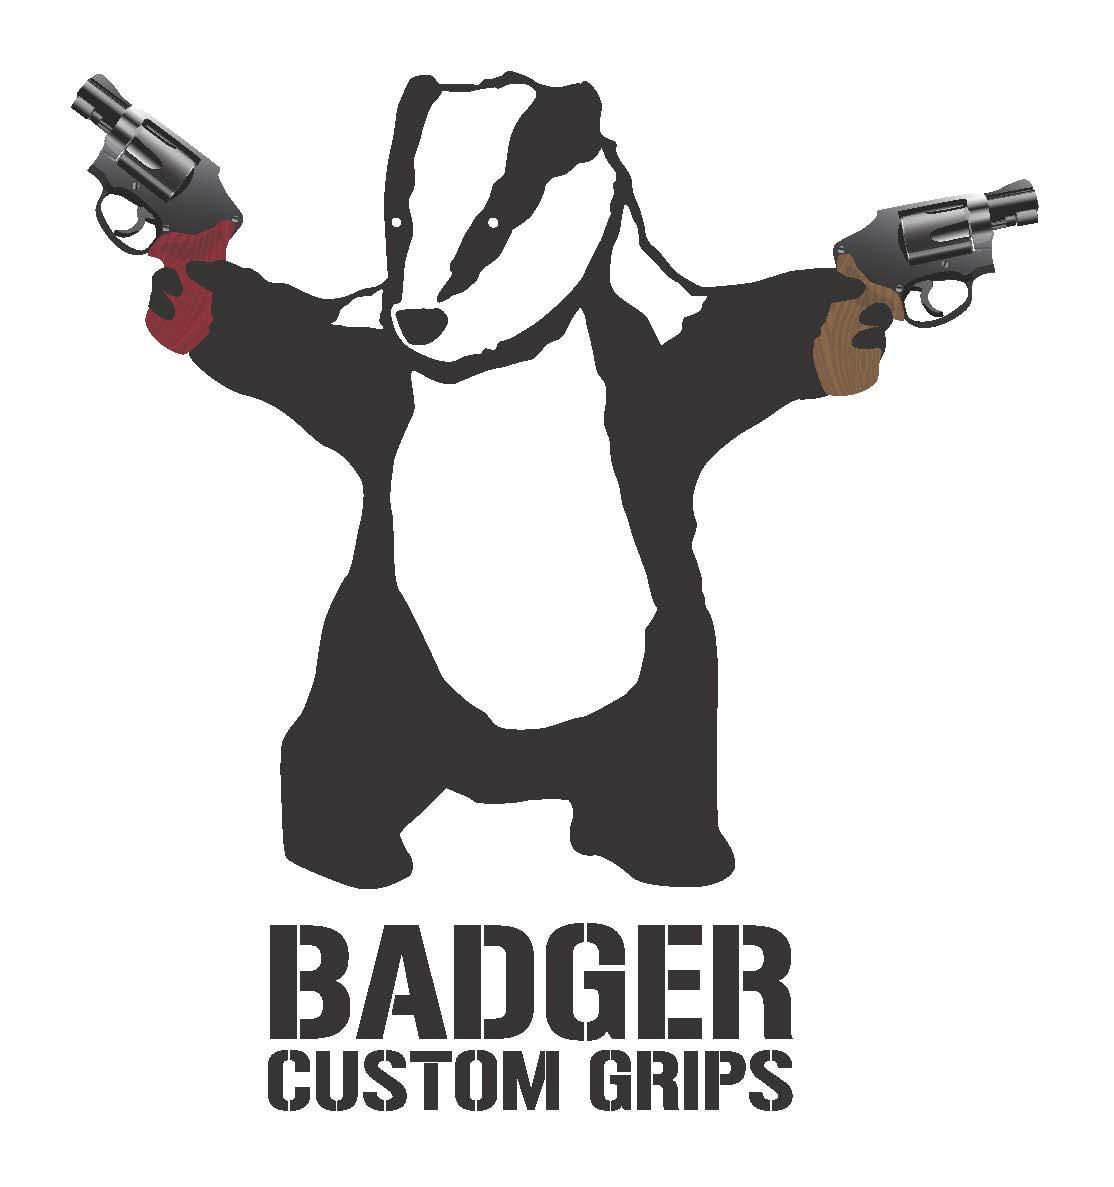 Badger Custom Grips-Badger Custom Grips